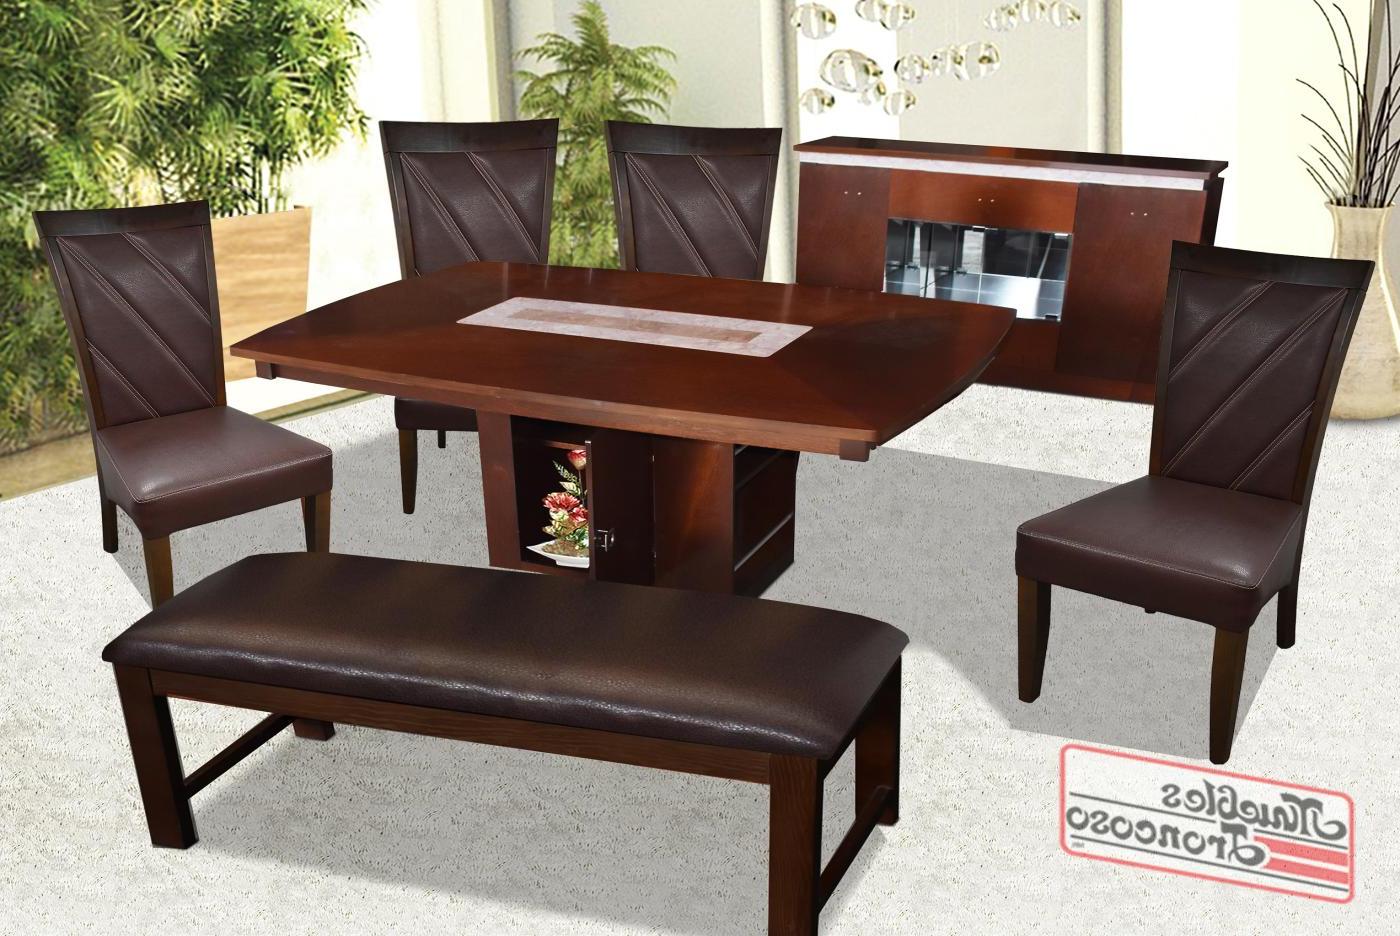 Comedor Con Banca 3id6 Ante Edor Continental Con 4 Sillas Continental Y Banca Muebles